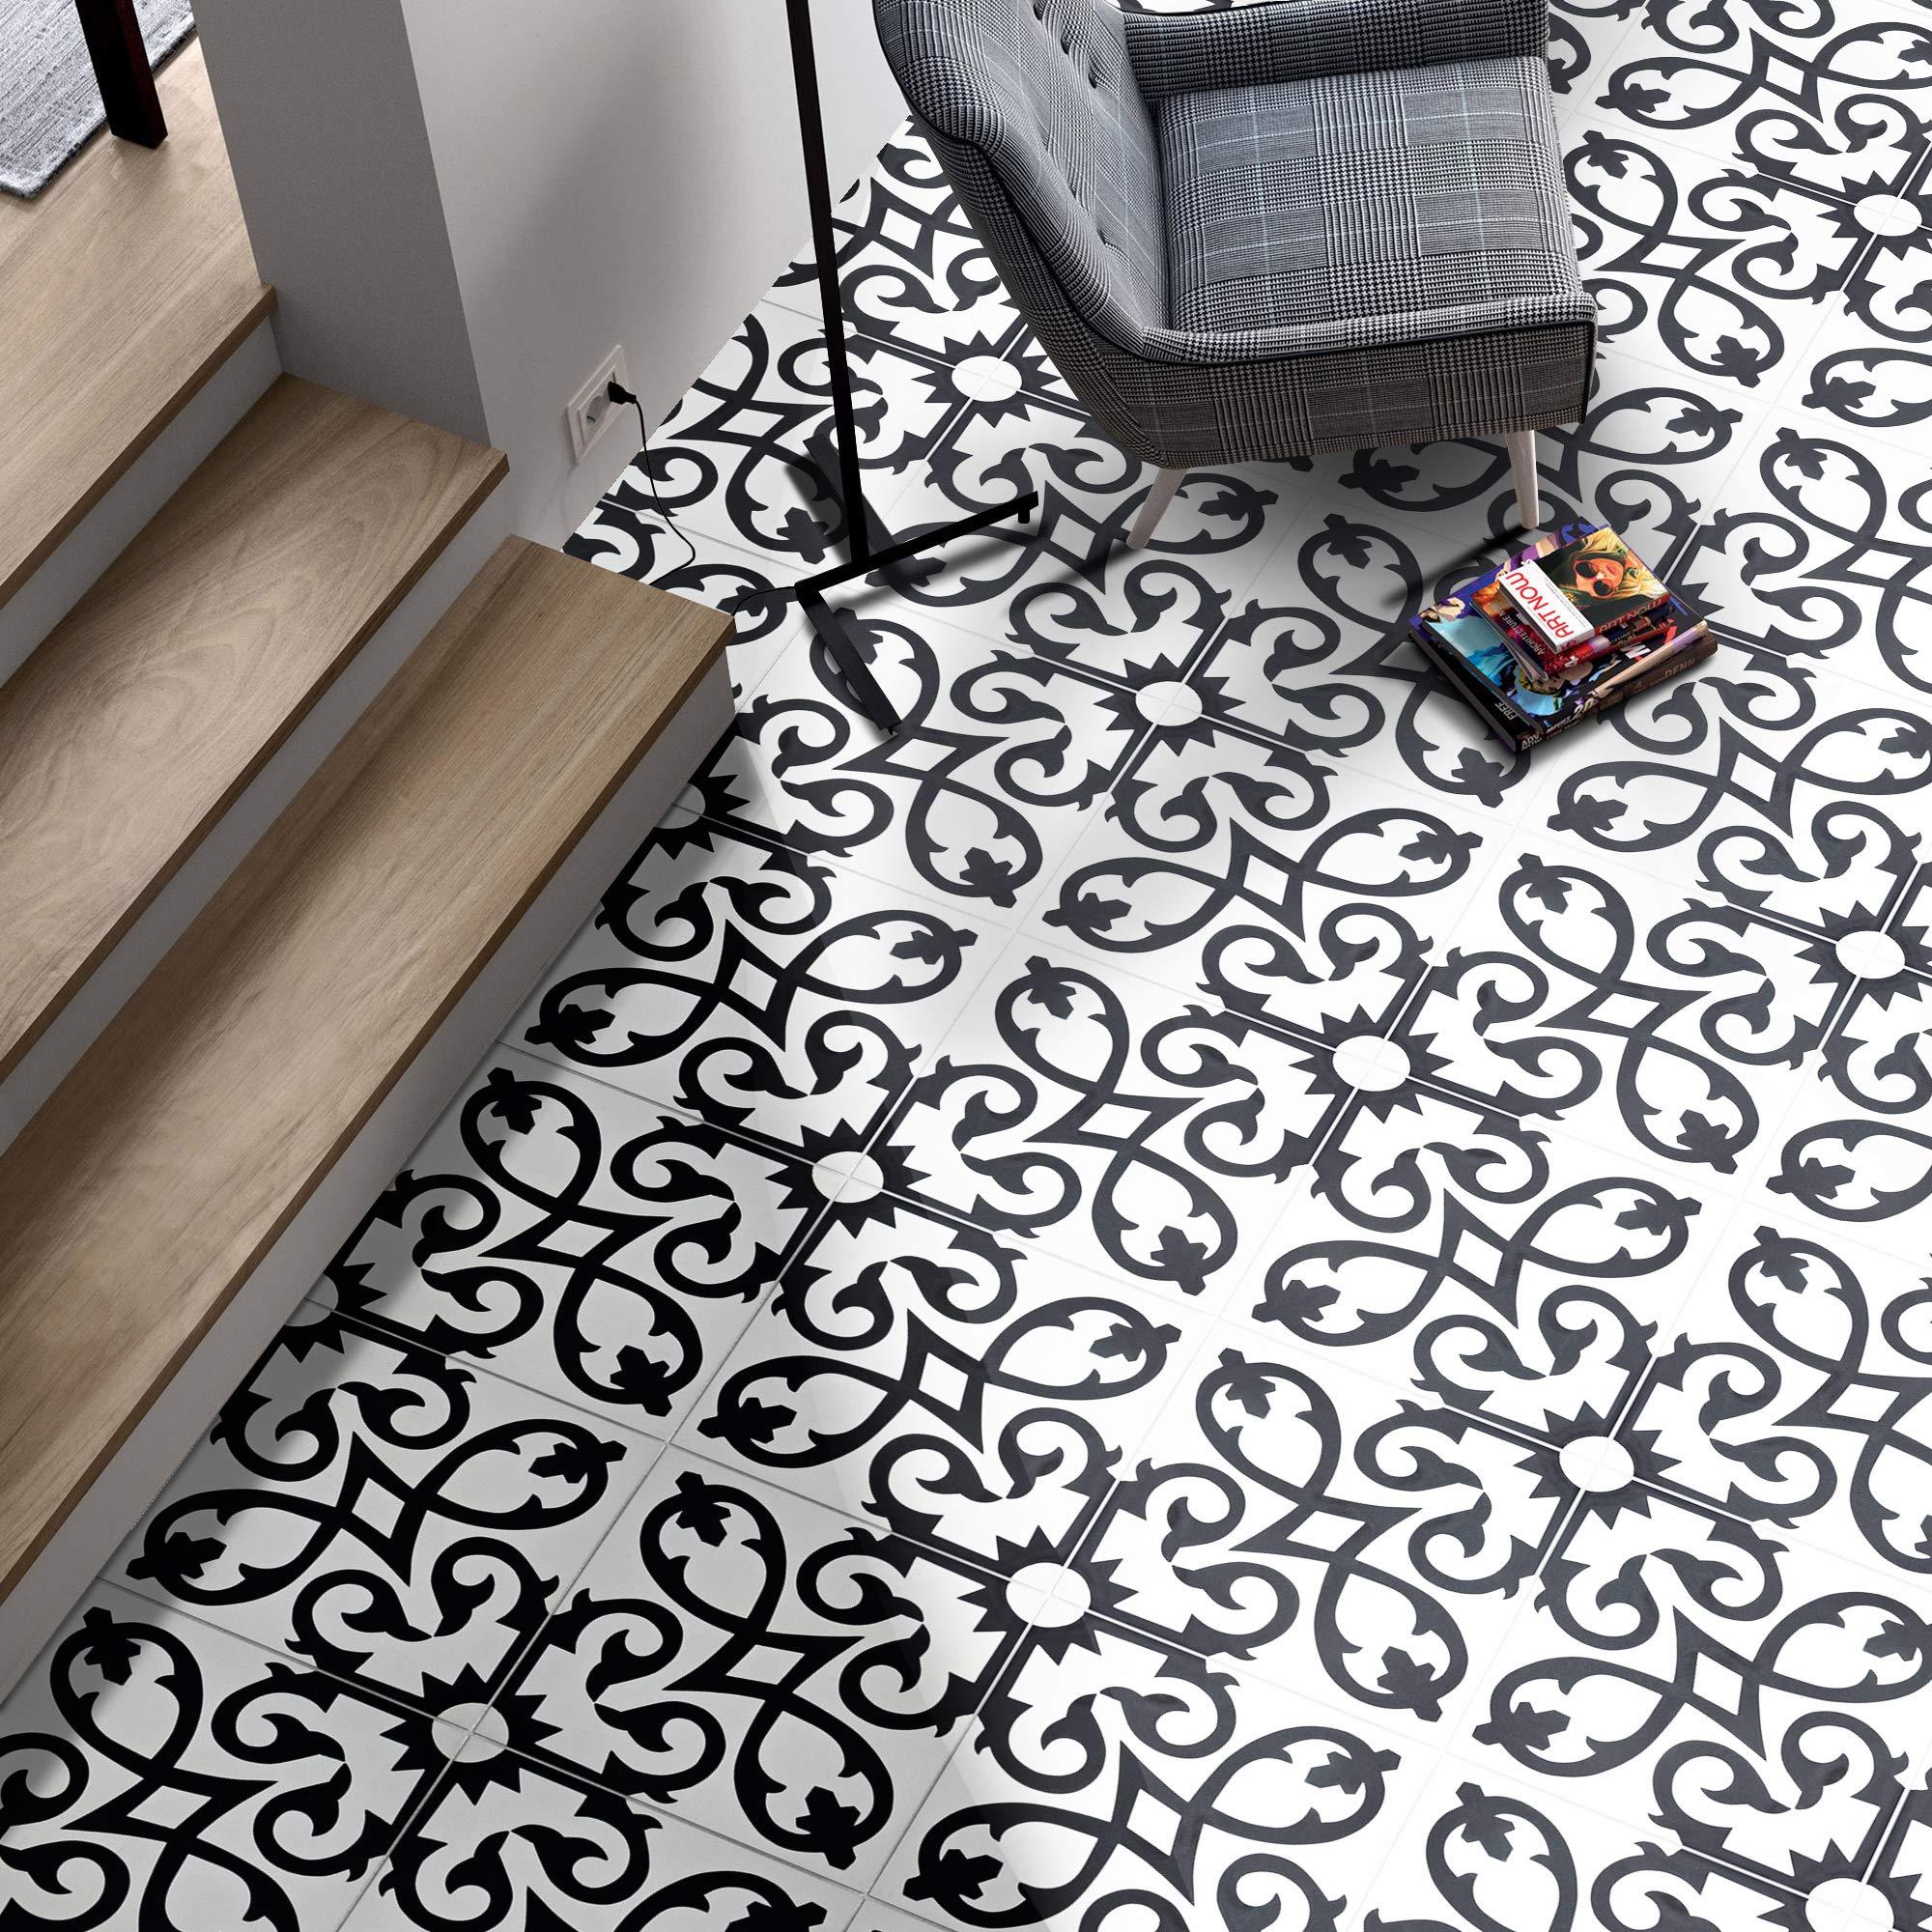 Moroccan Mosaic & Tile House CTP01-07 AgadirCTP01-07 Agadir Handmade Cement Tile, 8'' x 8'', Black/White, 12 Piece